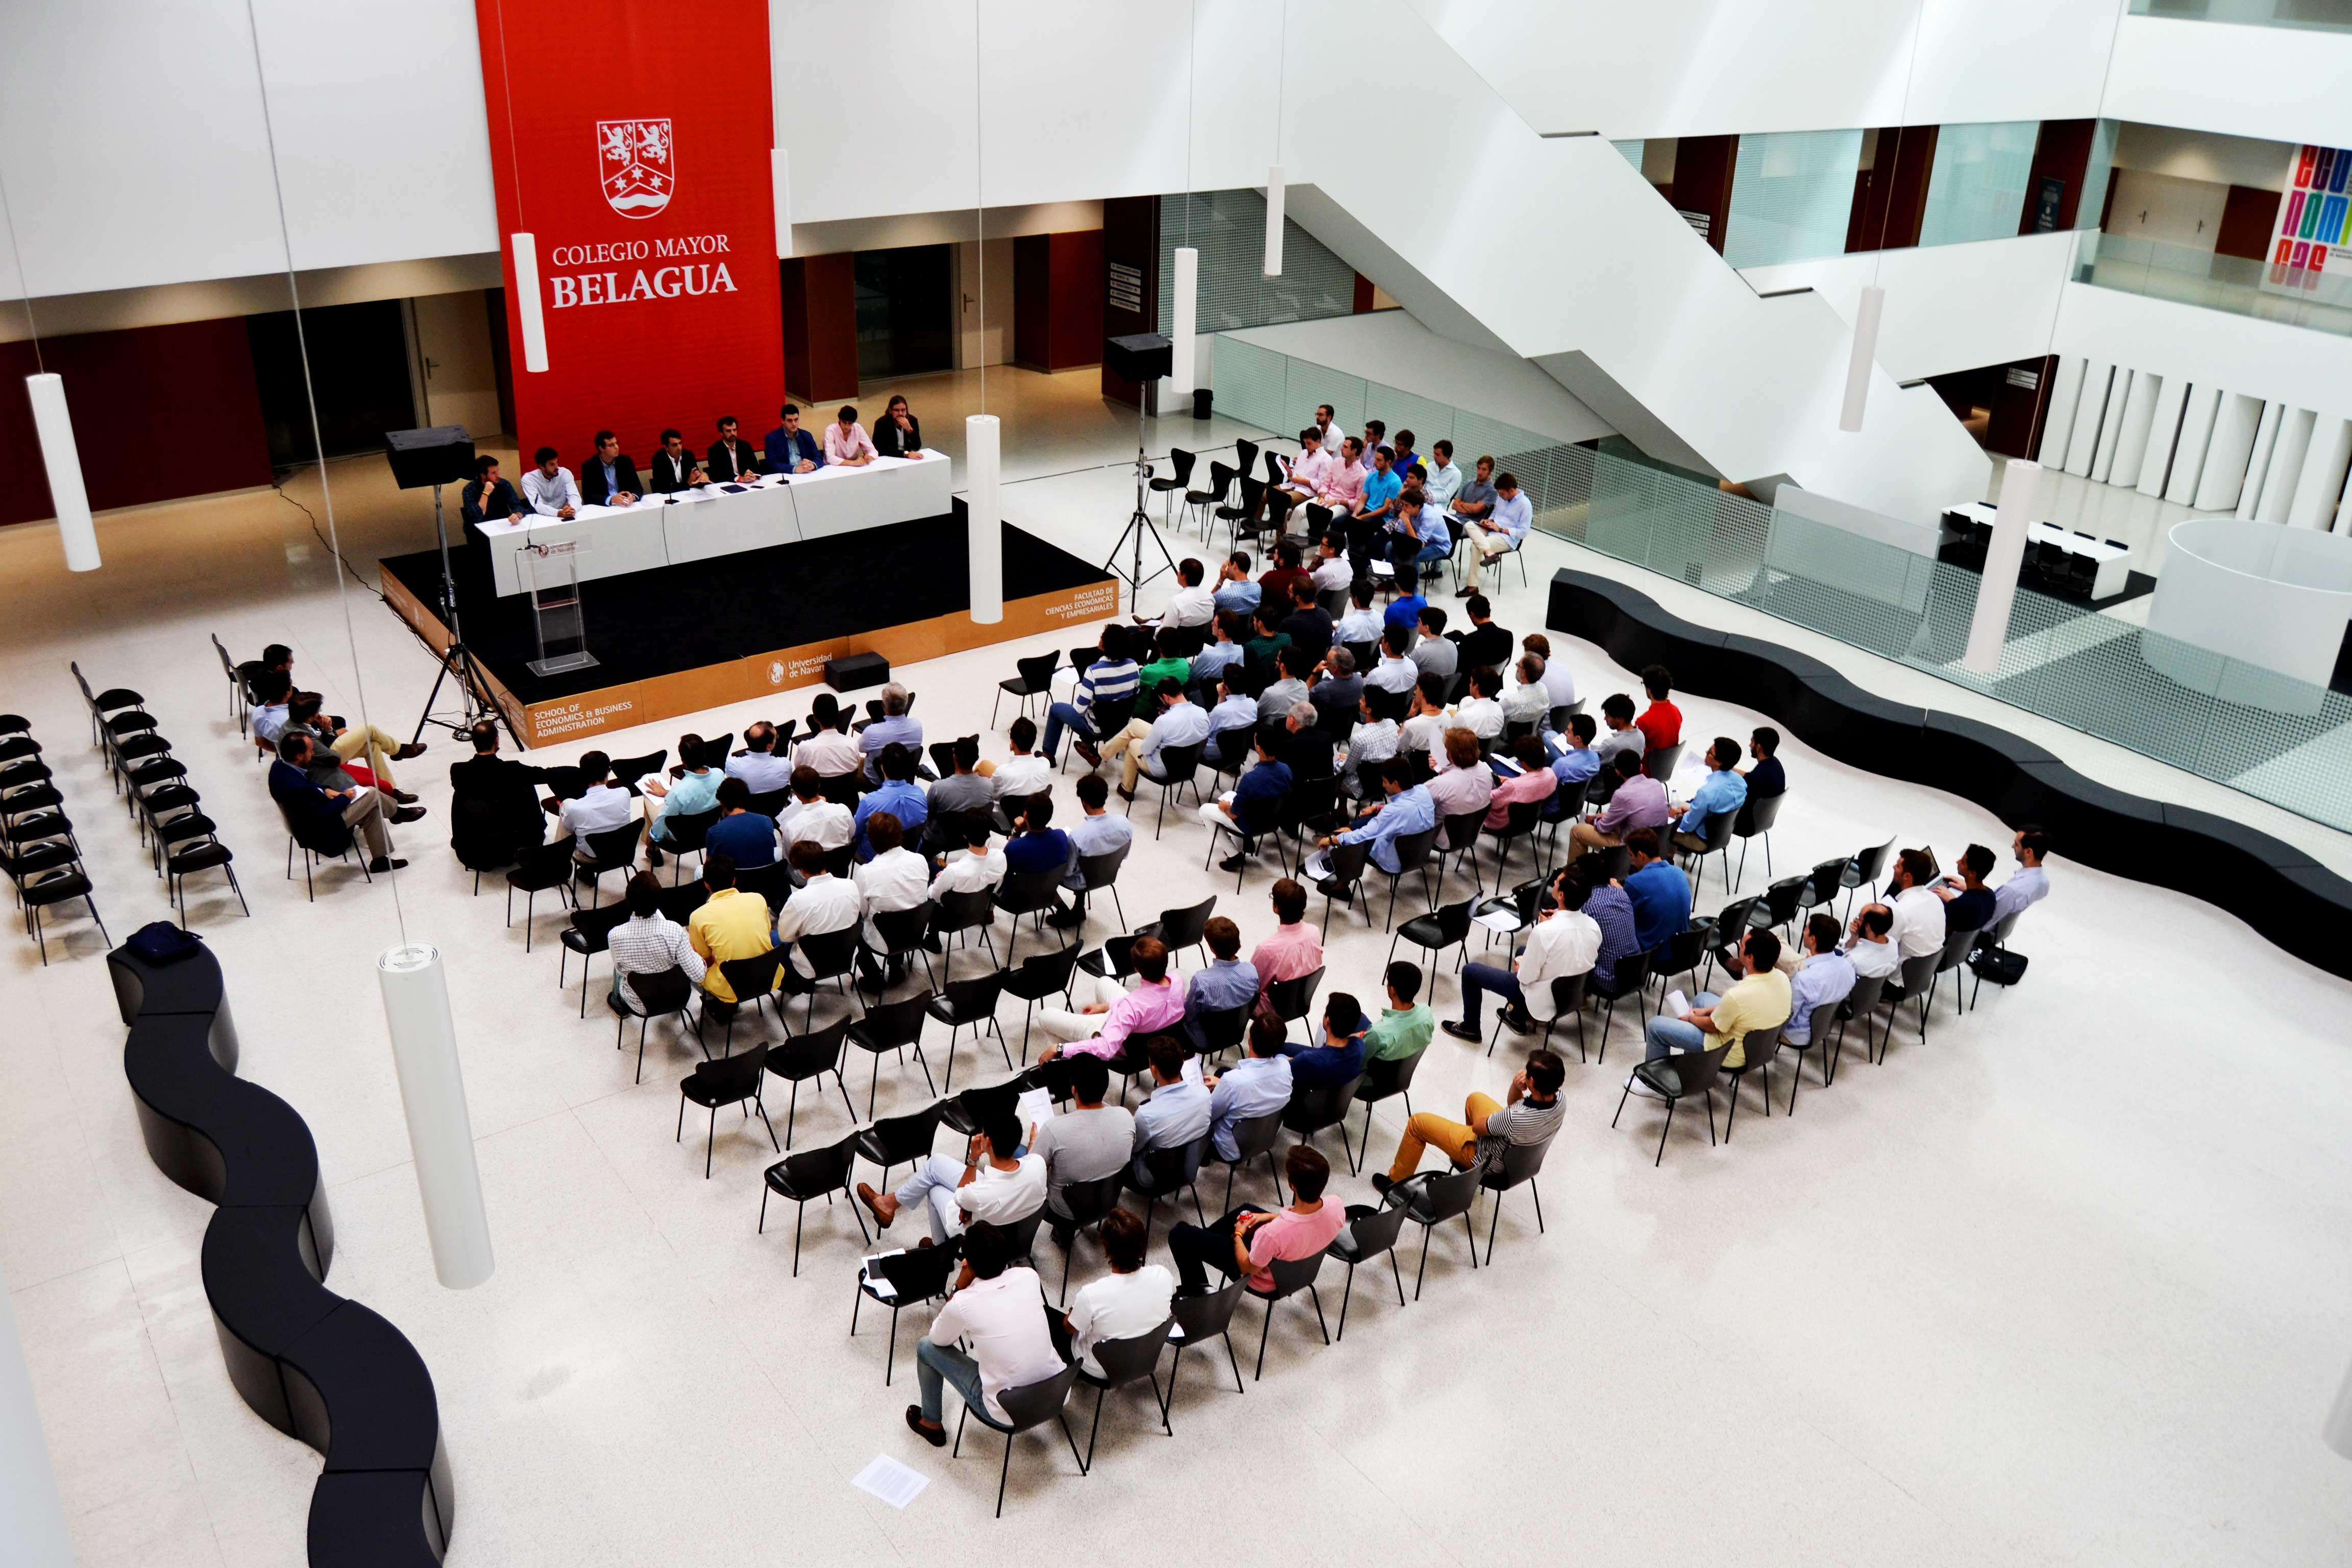 La constitución del Consejo Colegial de Belagua tuvo lugar en el Edificio Amigos de la Universidad de Navarra